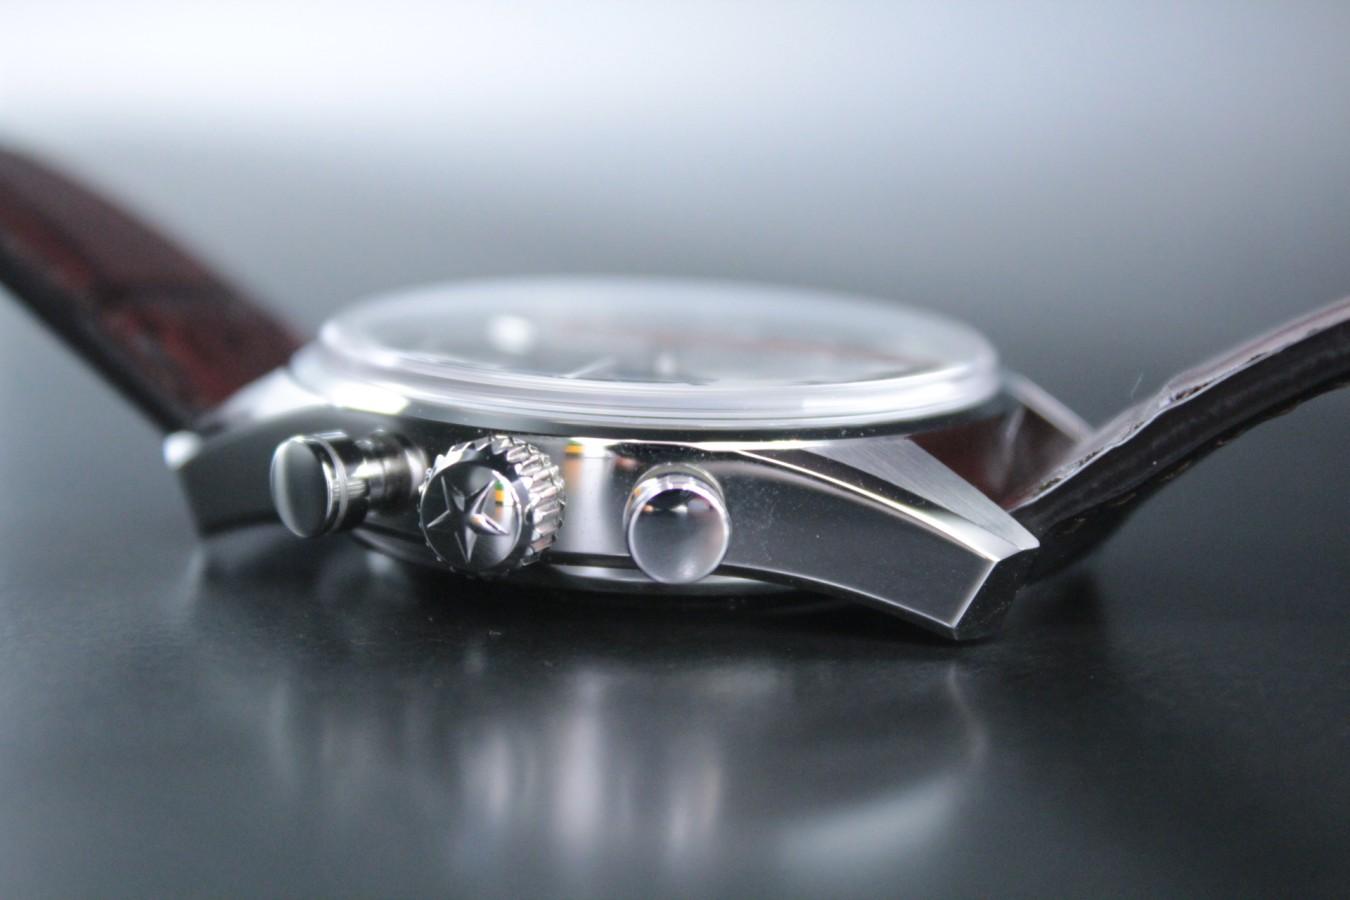 IMG_6385 50年間褪せることなく受け継がれるデザイン【エル・プリメロ38mm】 - CHRONOMASTER